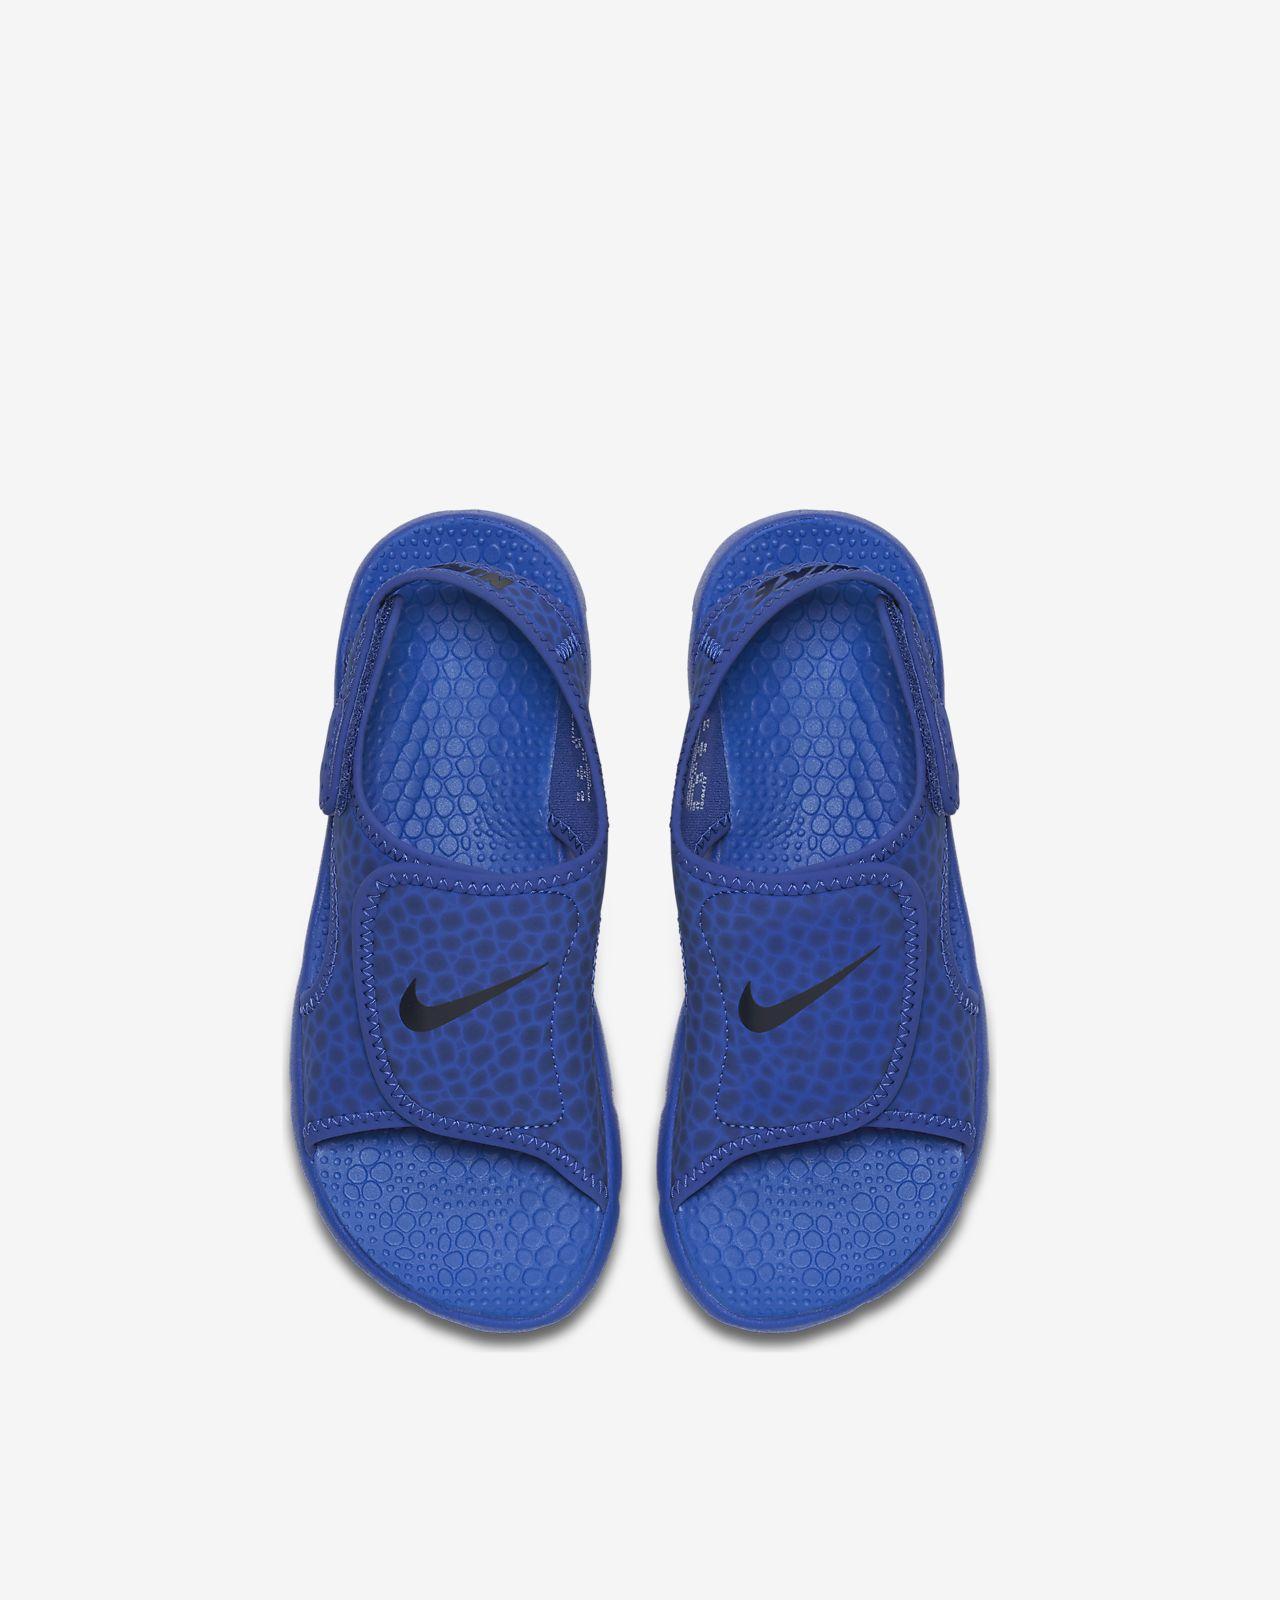 Nike Sunray Adjust 4 Sandale für jüngere/ältere Kinder - Rot AwExqAD